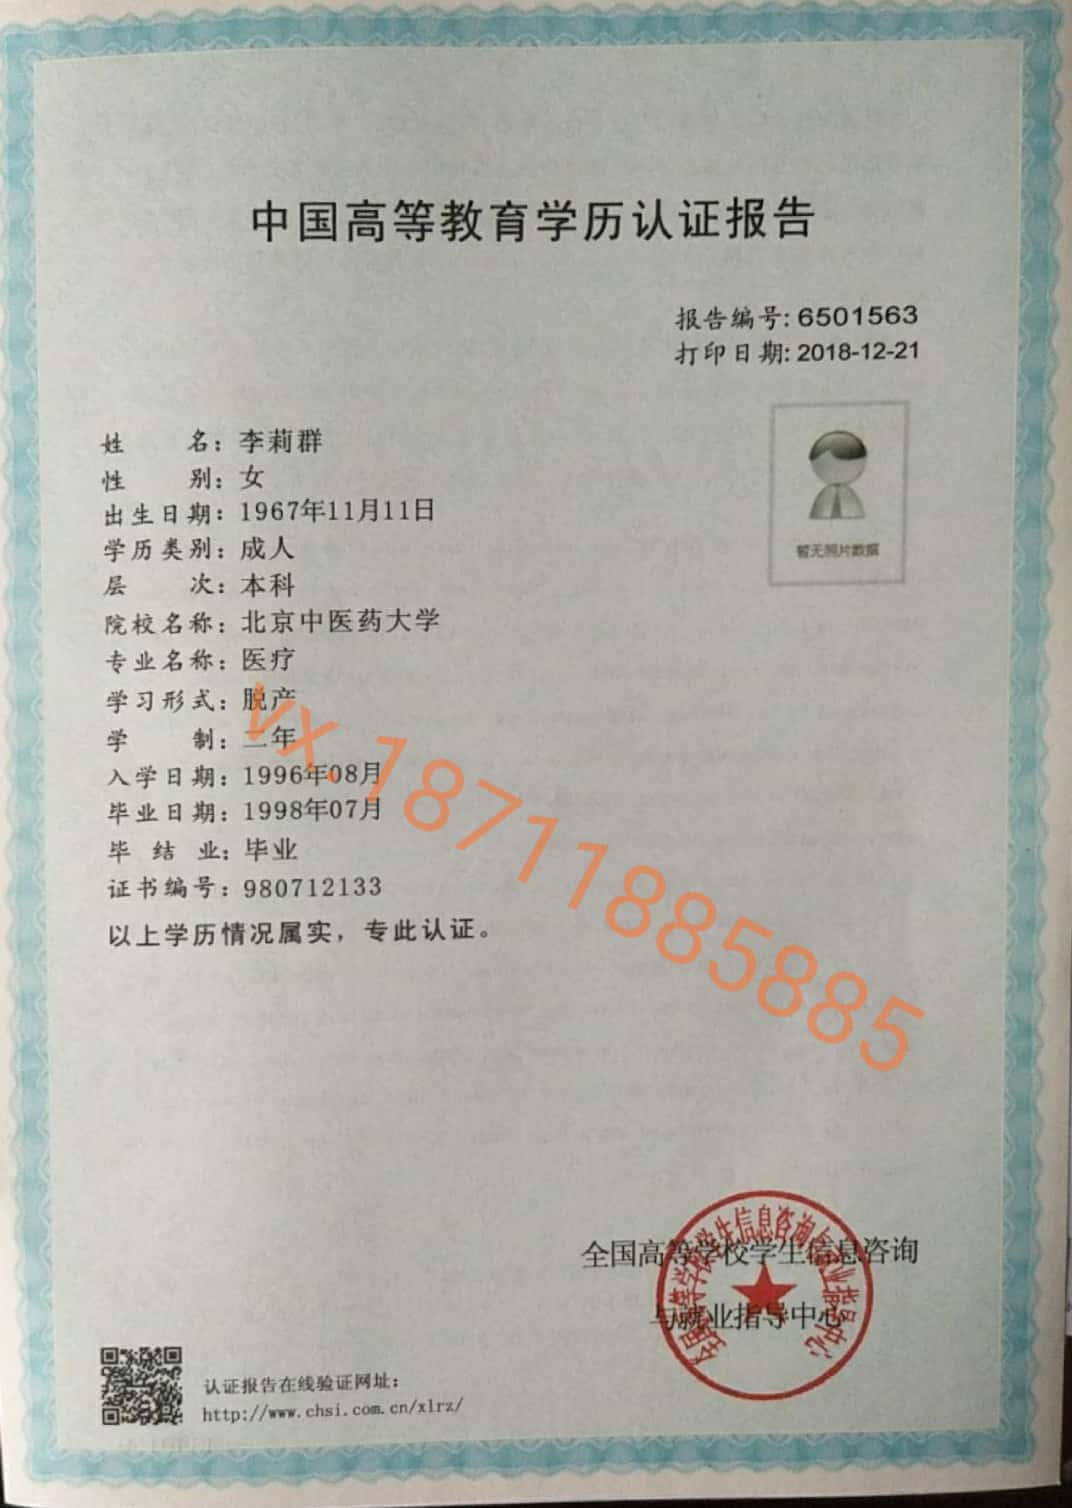 中国高等教育学历认证报告